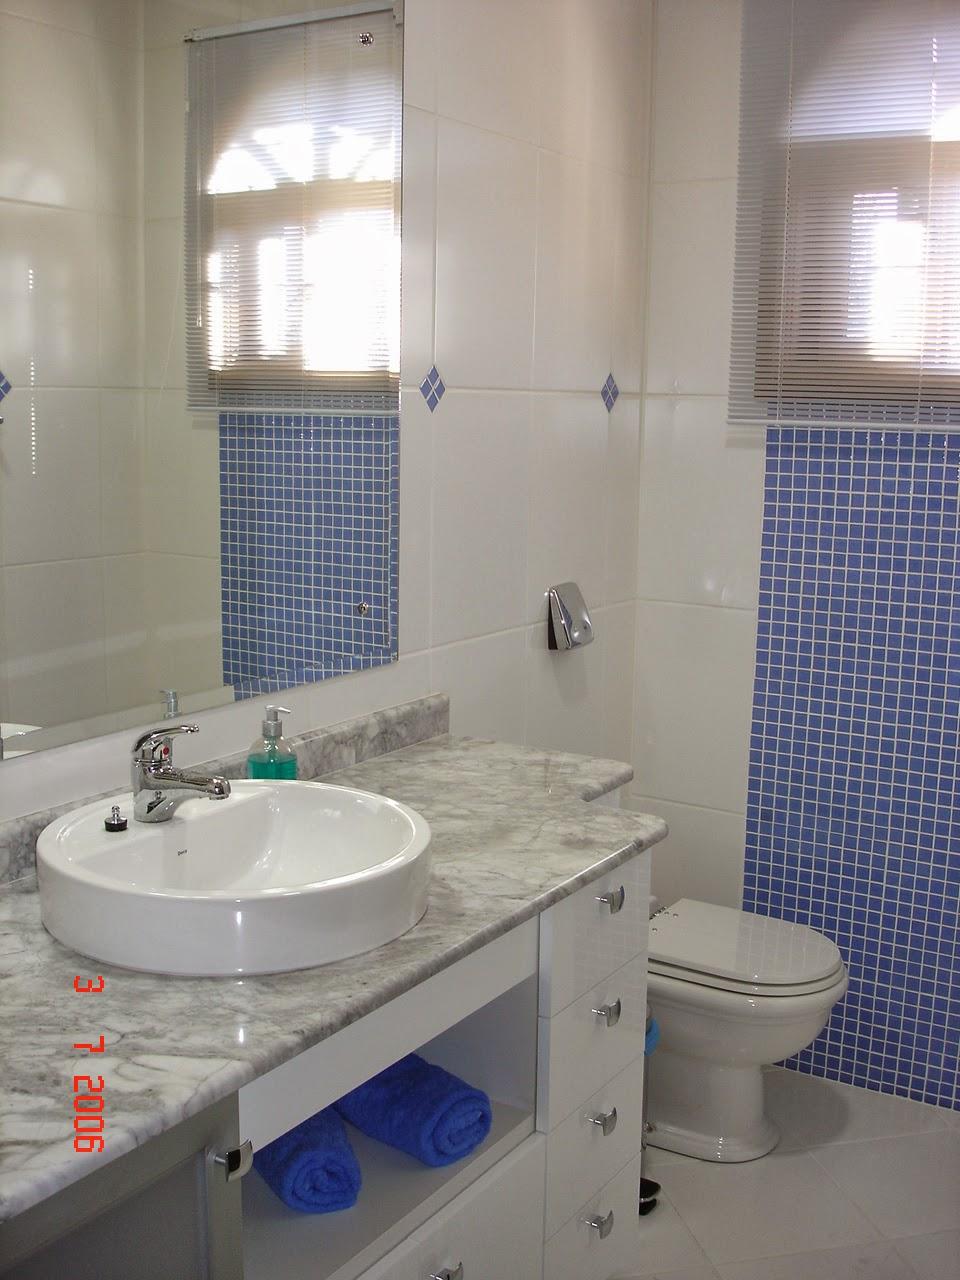 Studio Ceramico Obra Banheiro branco com pastilha azul -> Banheiro Com Azulejo Pastilha